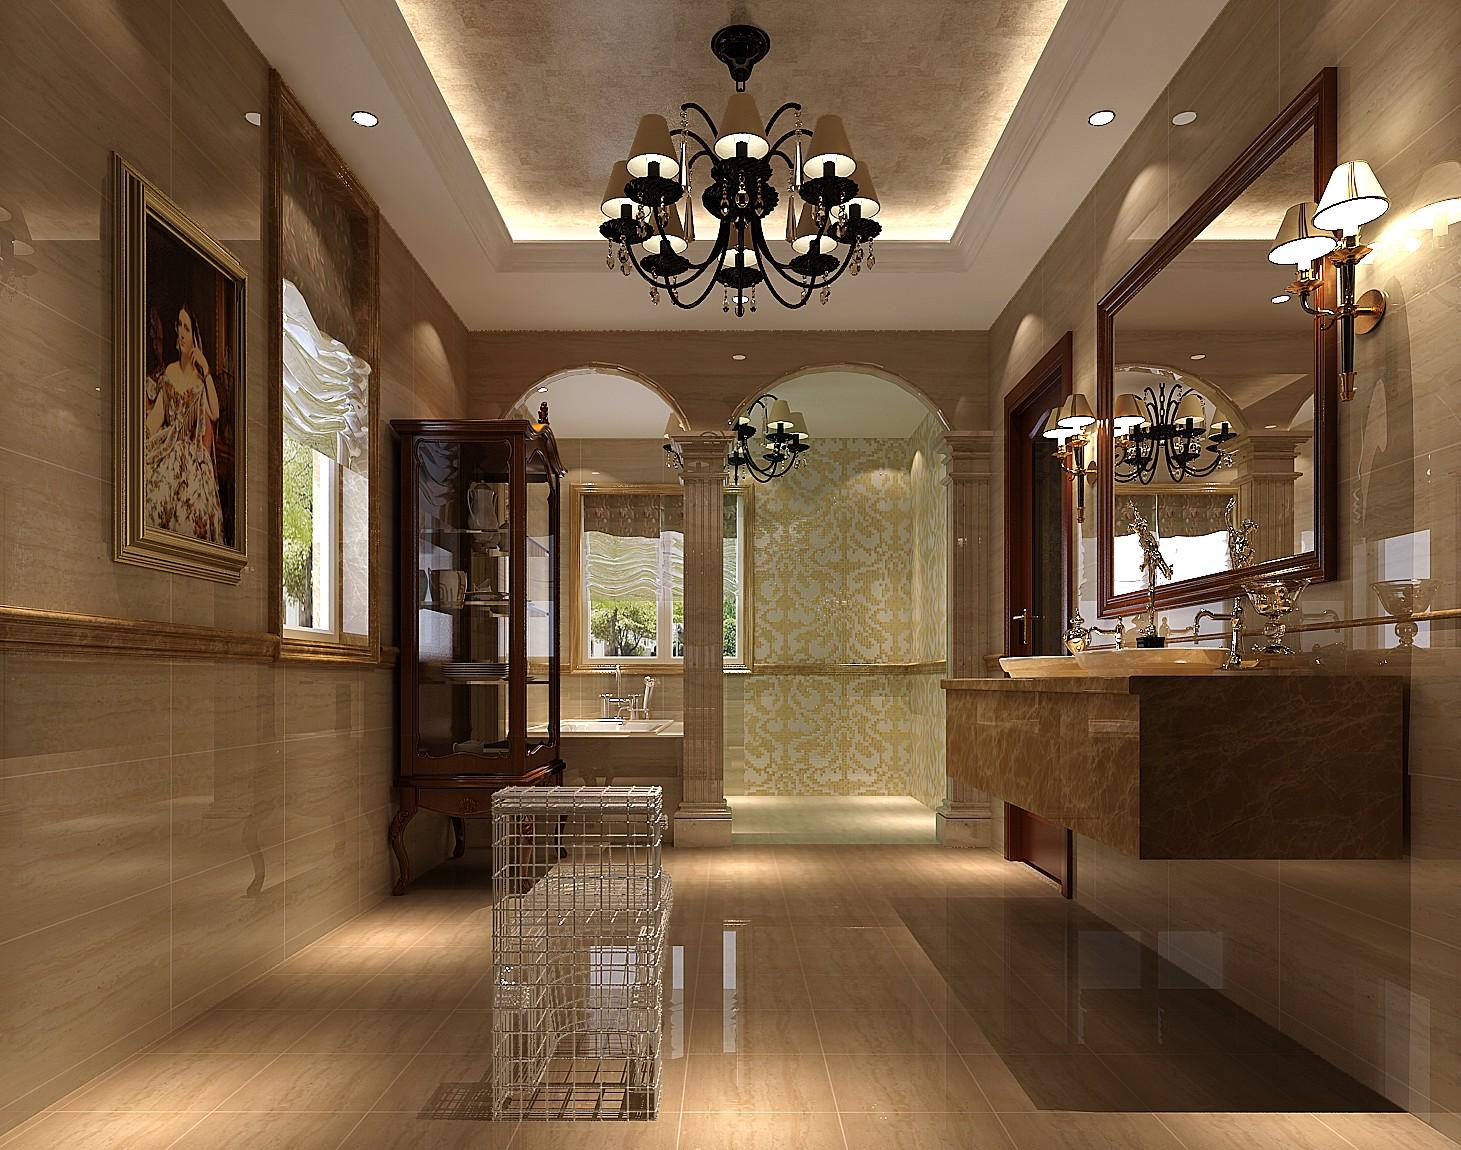 高度国际 保利垄上 独栋别墅 欧式 卫生间图片来自高度国际在独栋别墅450平米欧式风格的分享